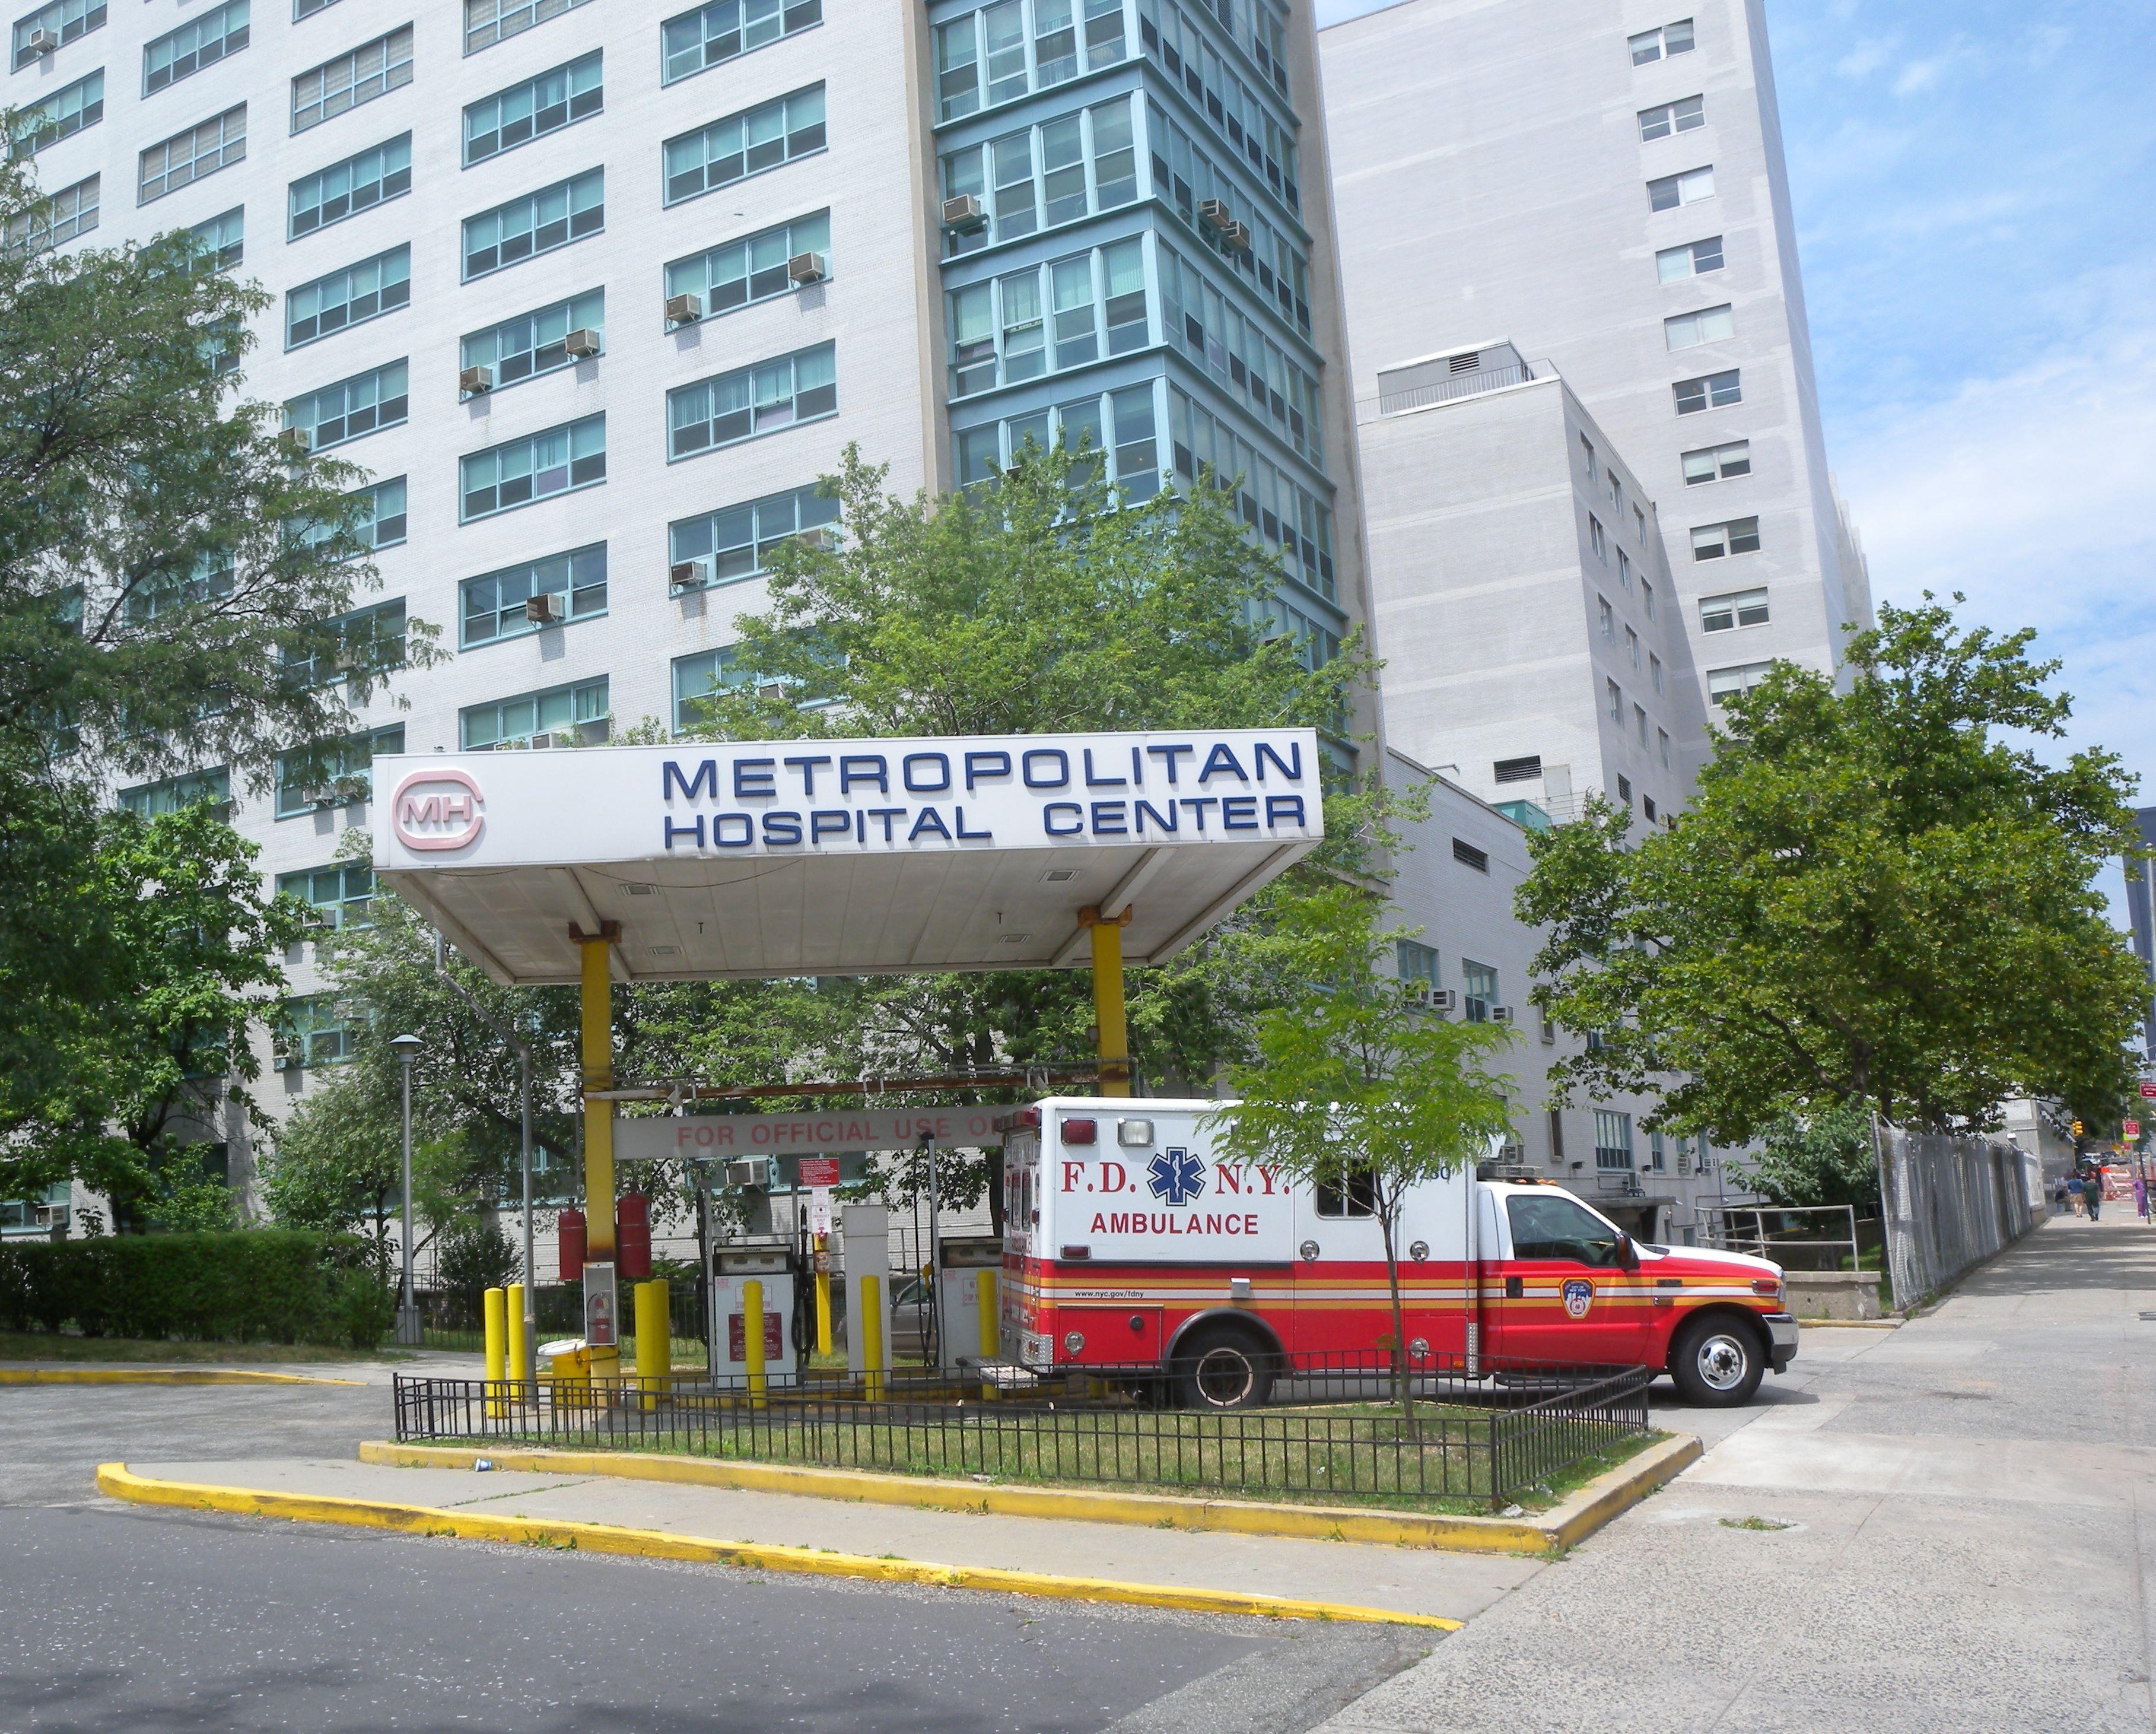 New York Presbyterian Hospital Nyc Emergency Room